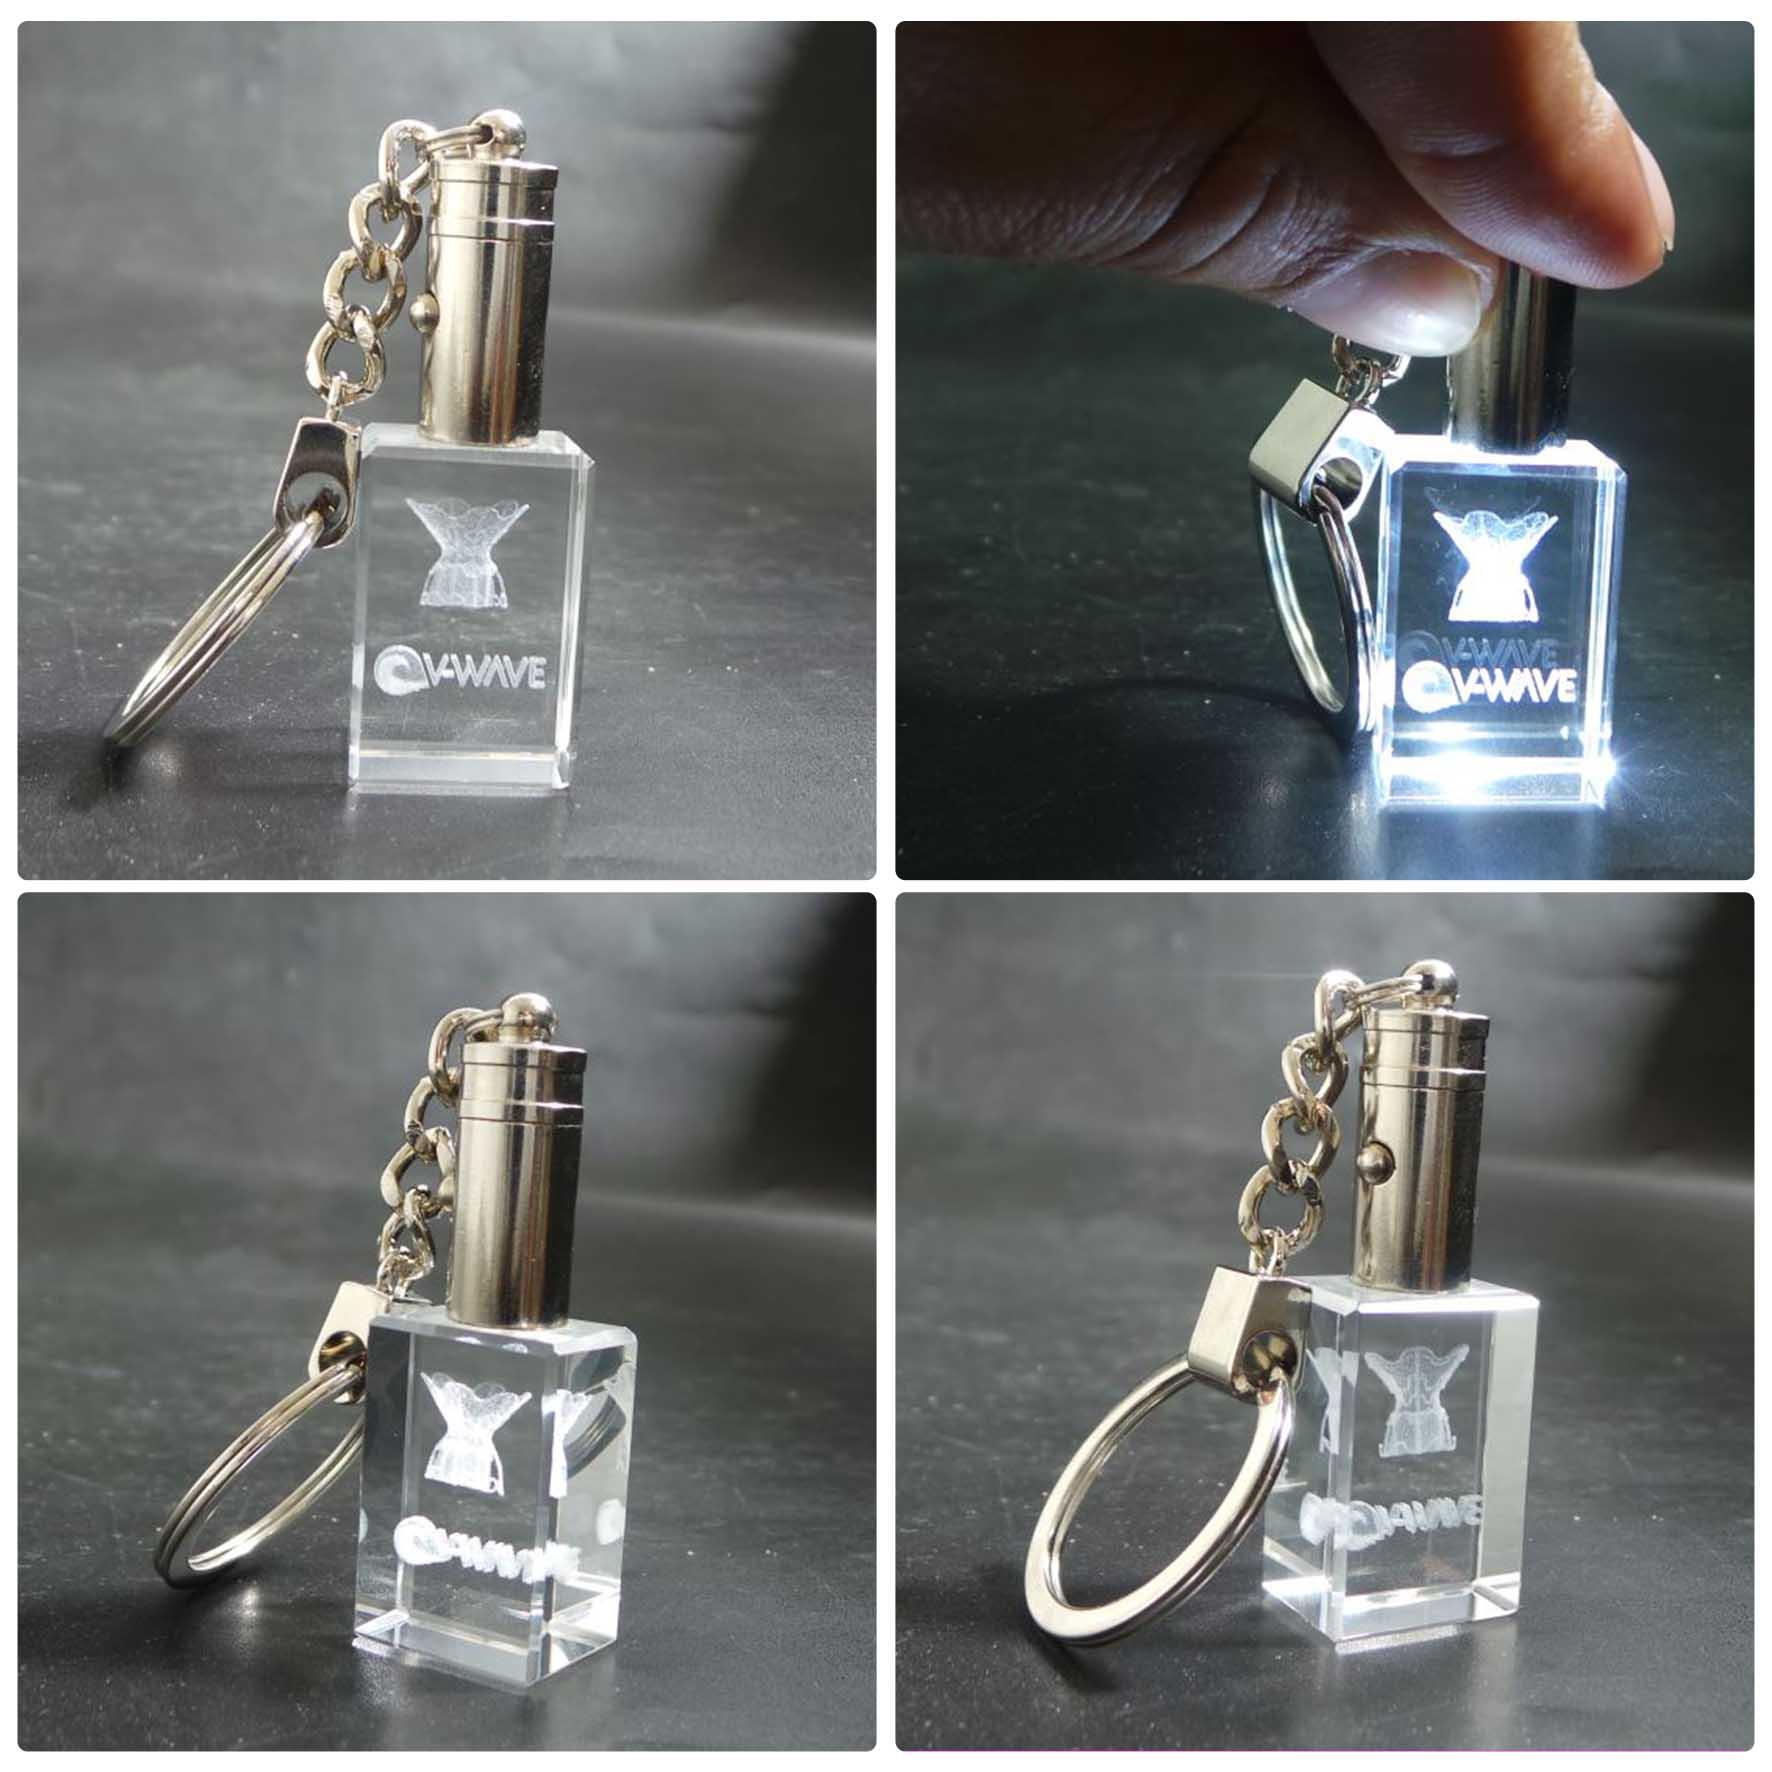 מחזיק מפתחות זכוכית עם צריבת לייזר עם תאורה